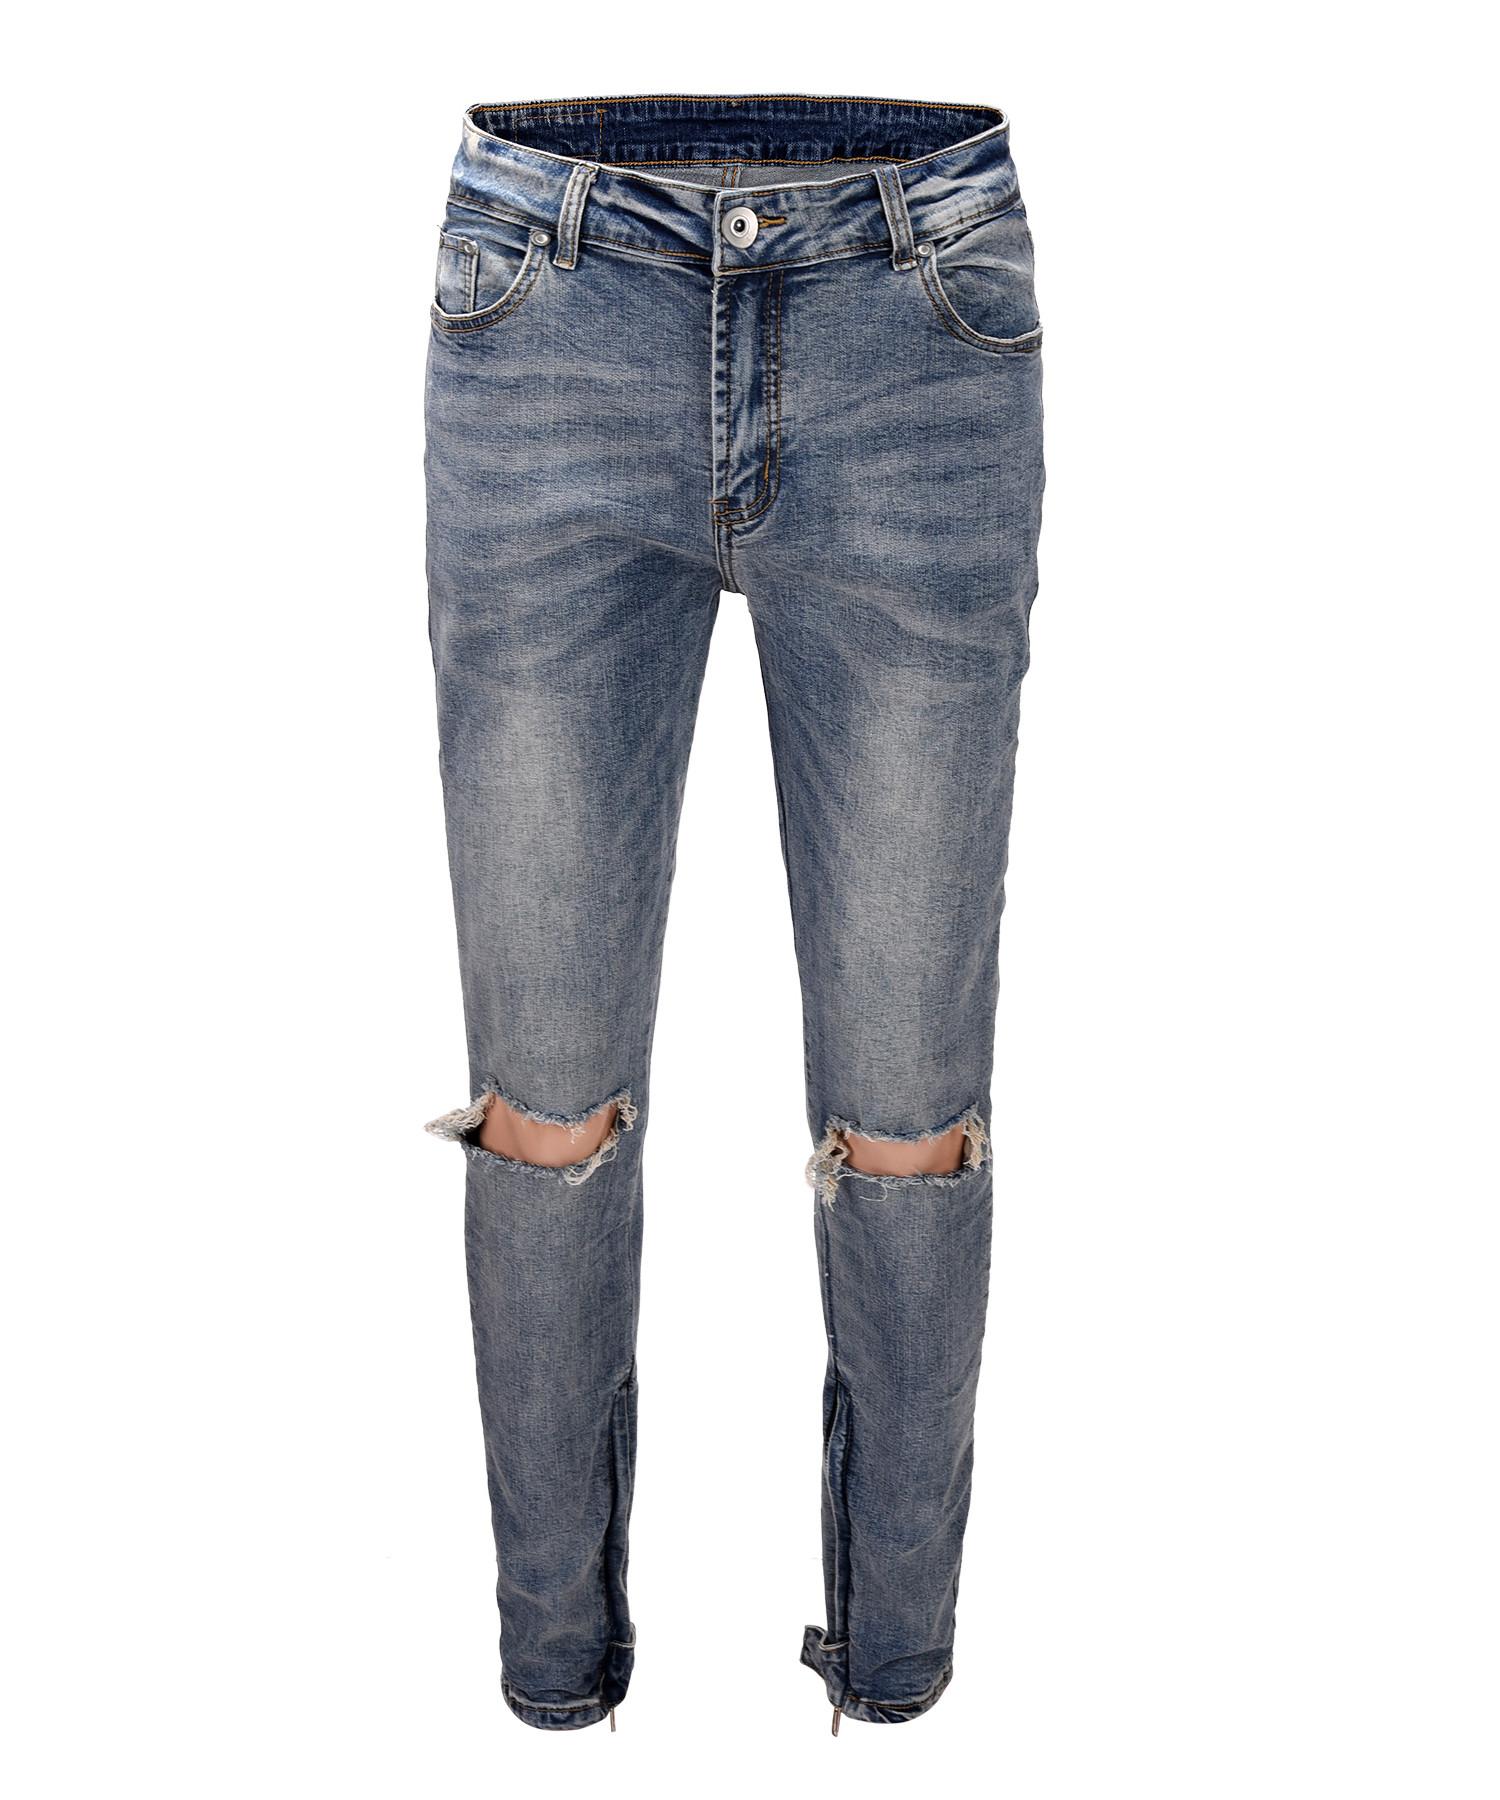 Ankle Zipper Destroyed Jeans V2 - Blue